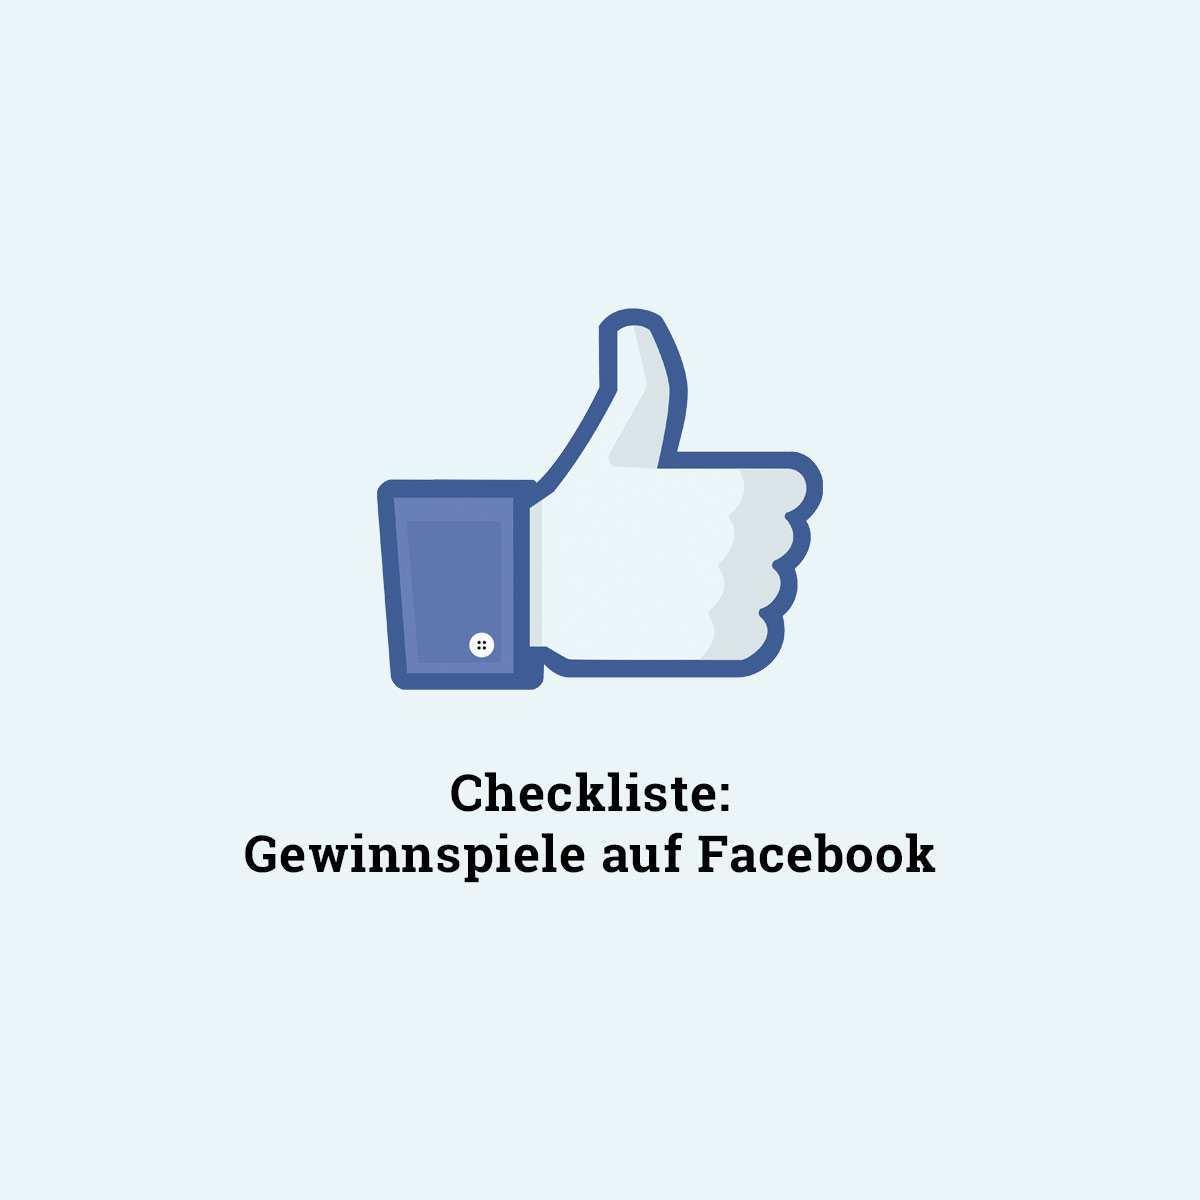 Checkliste Das Gilt Es Bei Einem Facebook Gewinnspiel Zu Beachten Allfacebook De